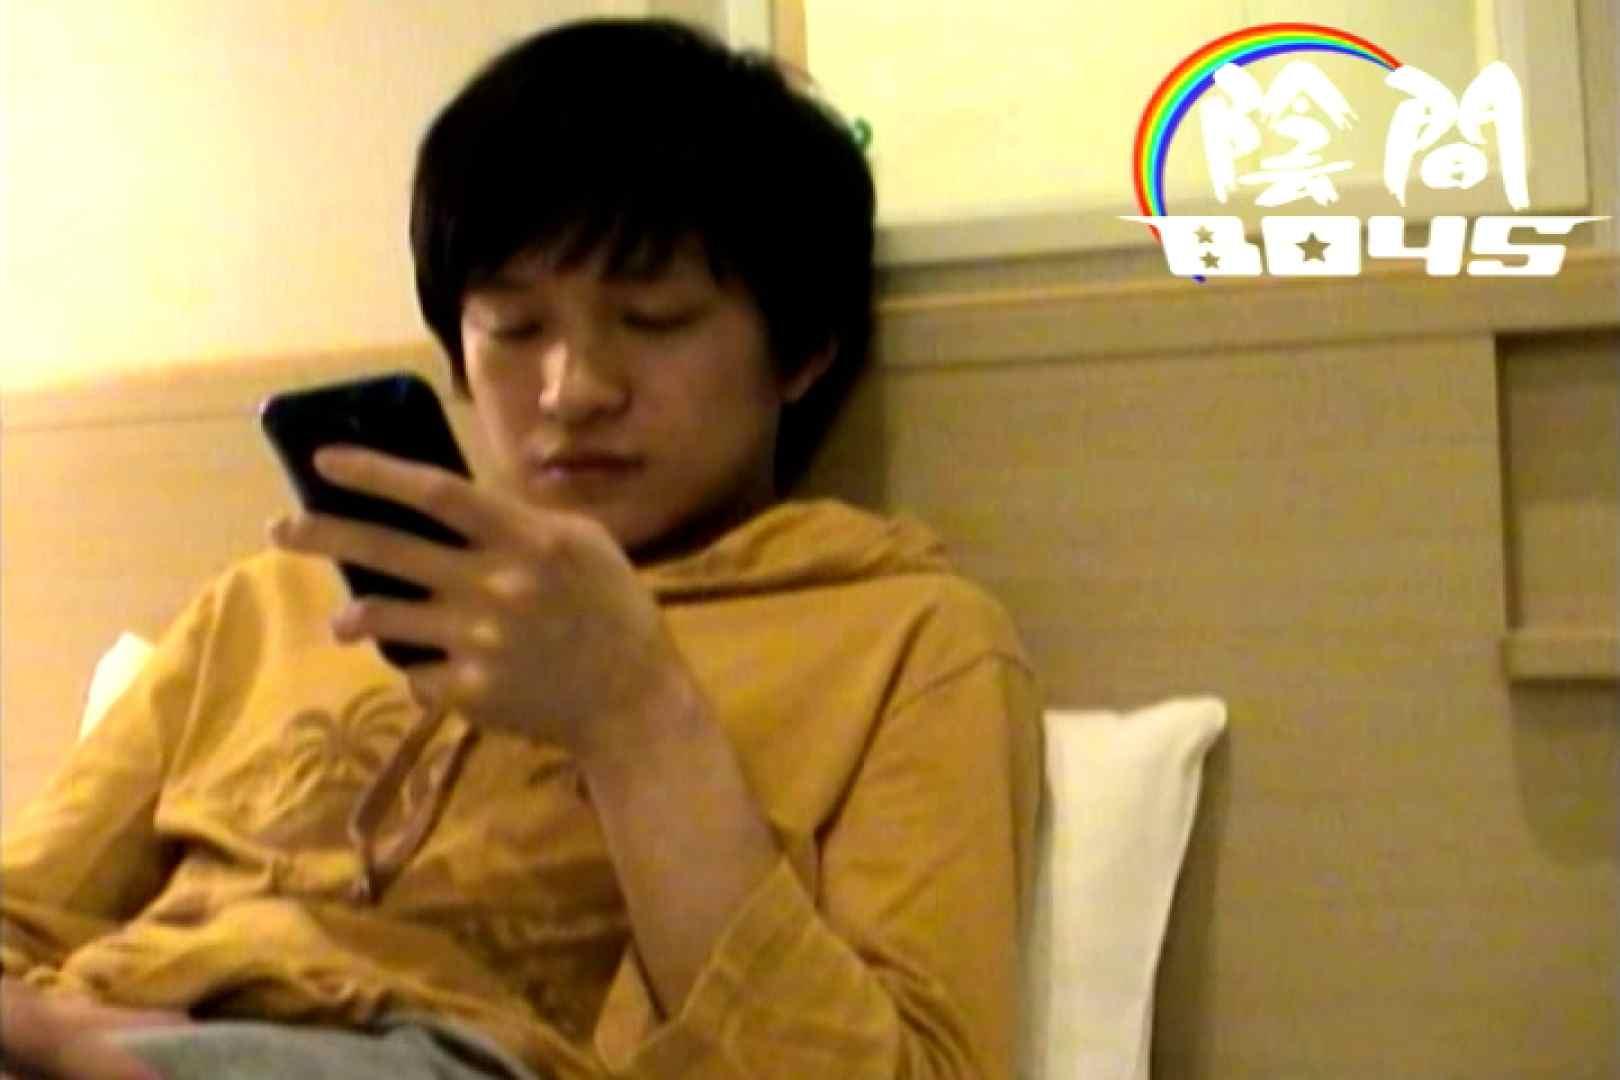 陰間BOYS~My holiday~01 手コキ AV動画 97枚 93